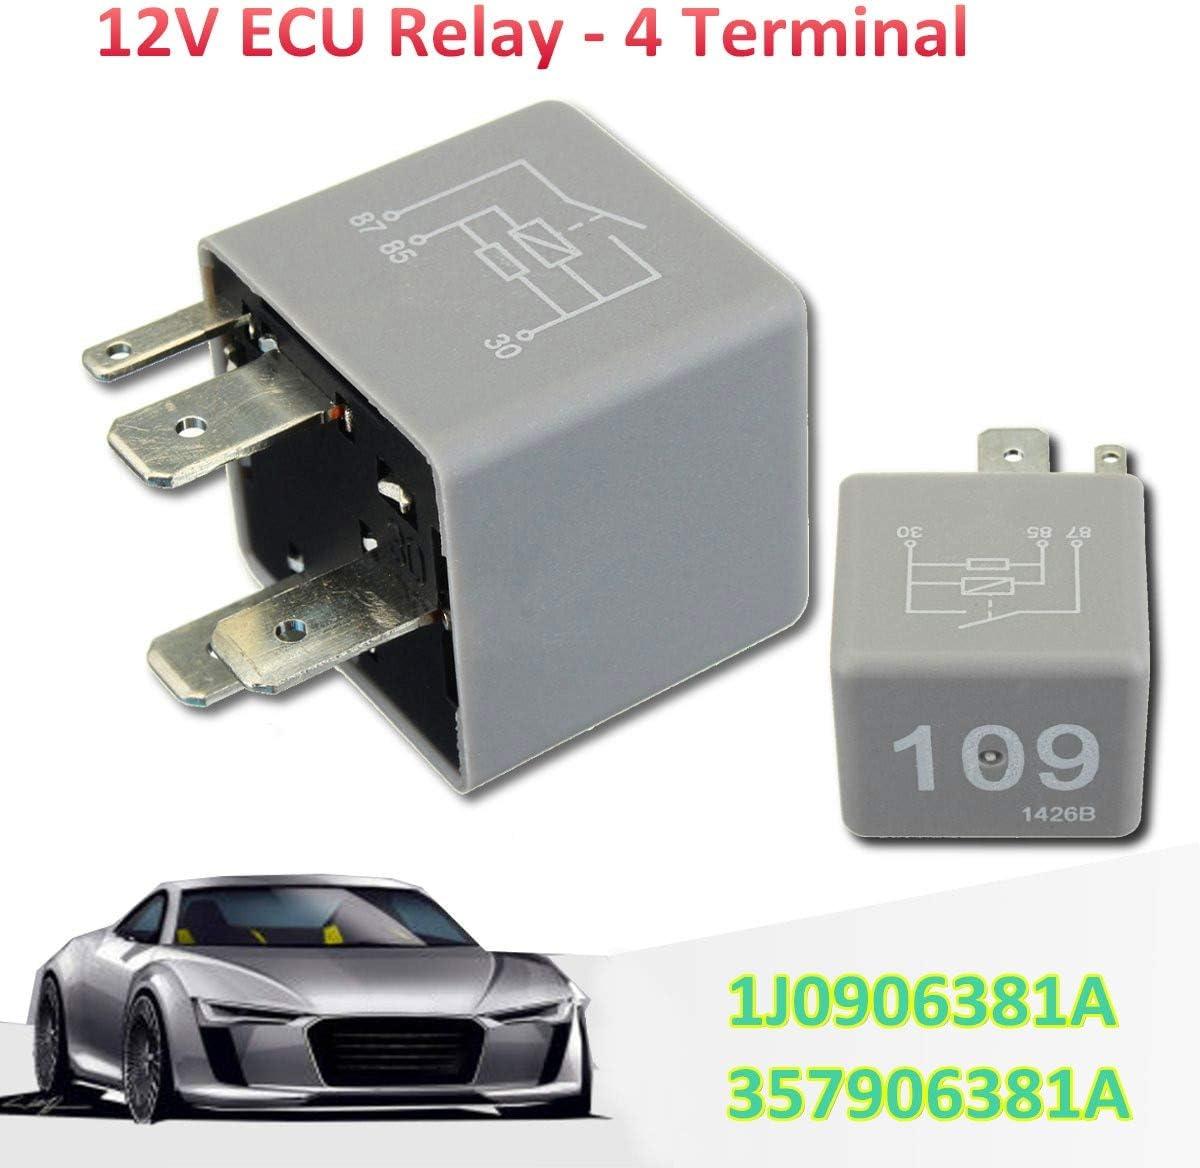 Engine Power ECU Fuel Pump Relay 109 1J0906381A For VW Audi Seat Skoda